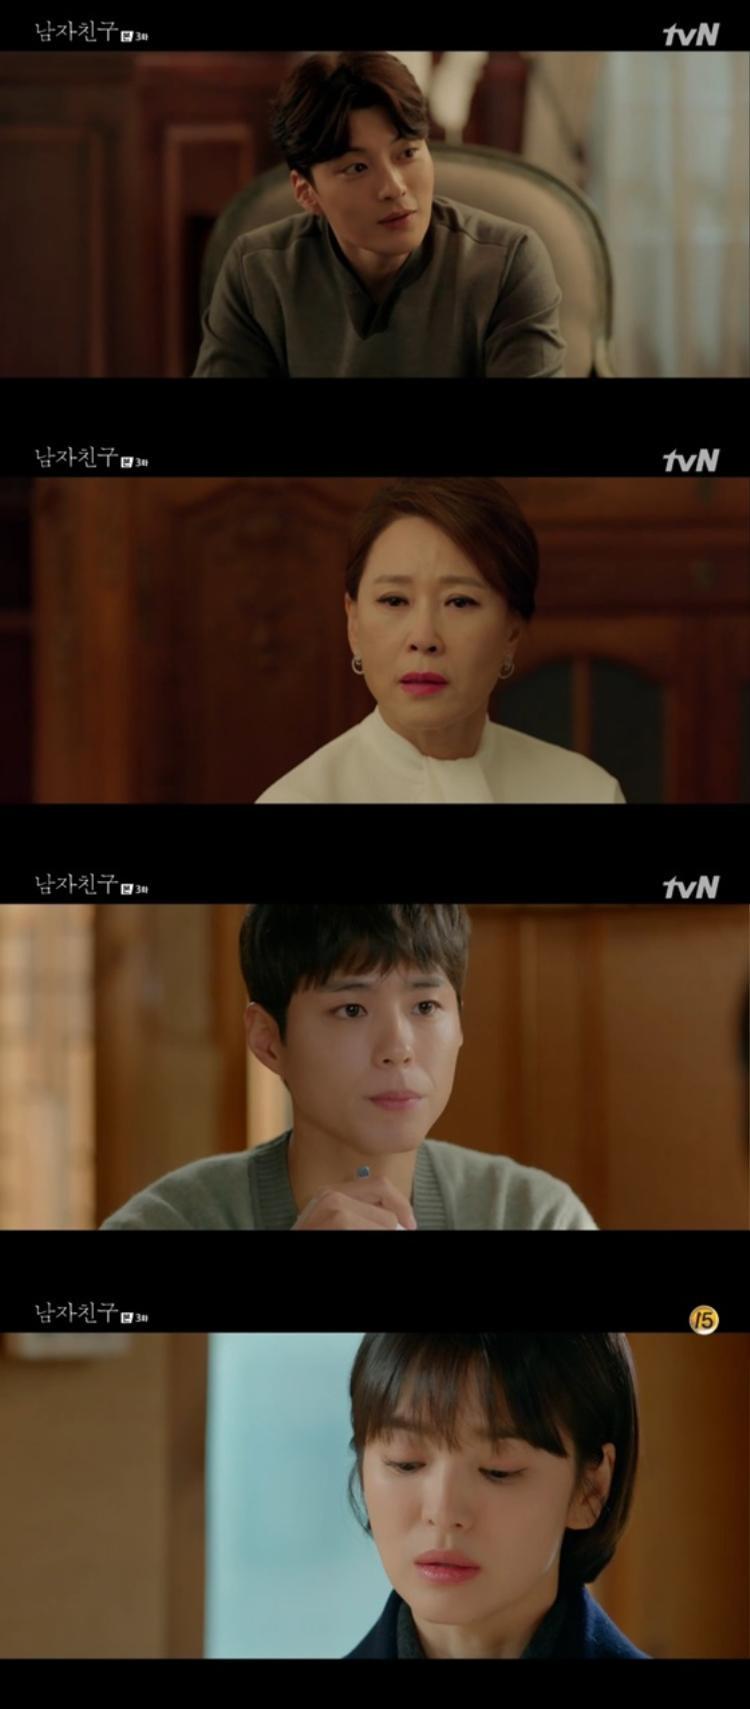 Phát cuồng với câu Tôi đến vì nhớ cô của Park Bo Gum nhưng khán giả Hàn vẫn chê tập 3 Encounter